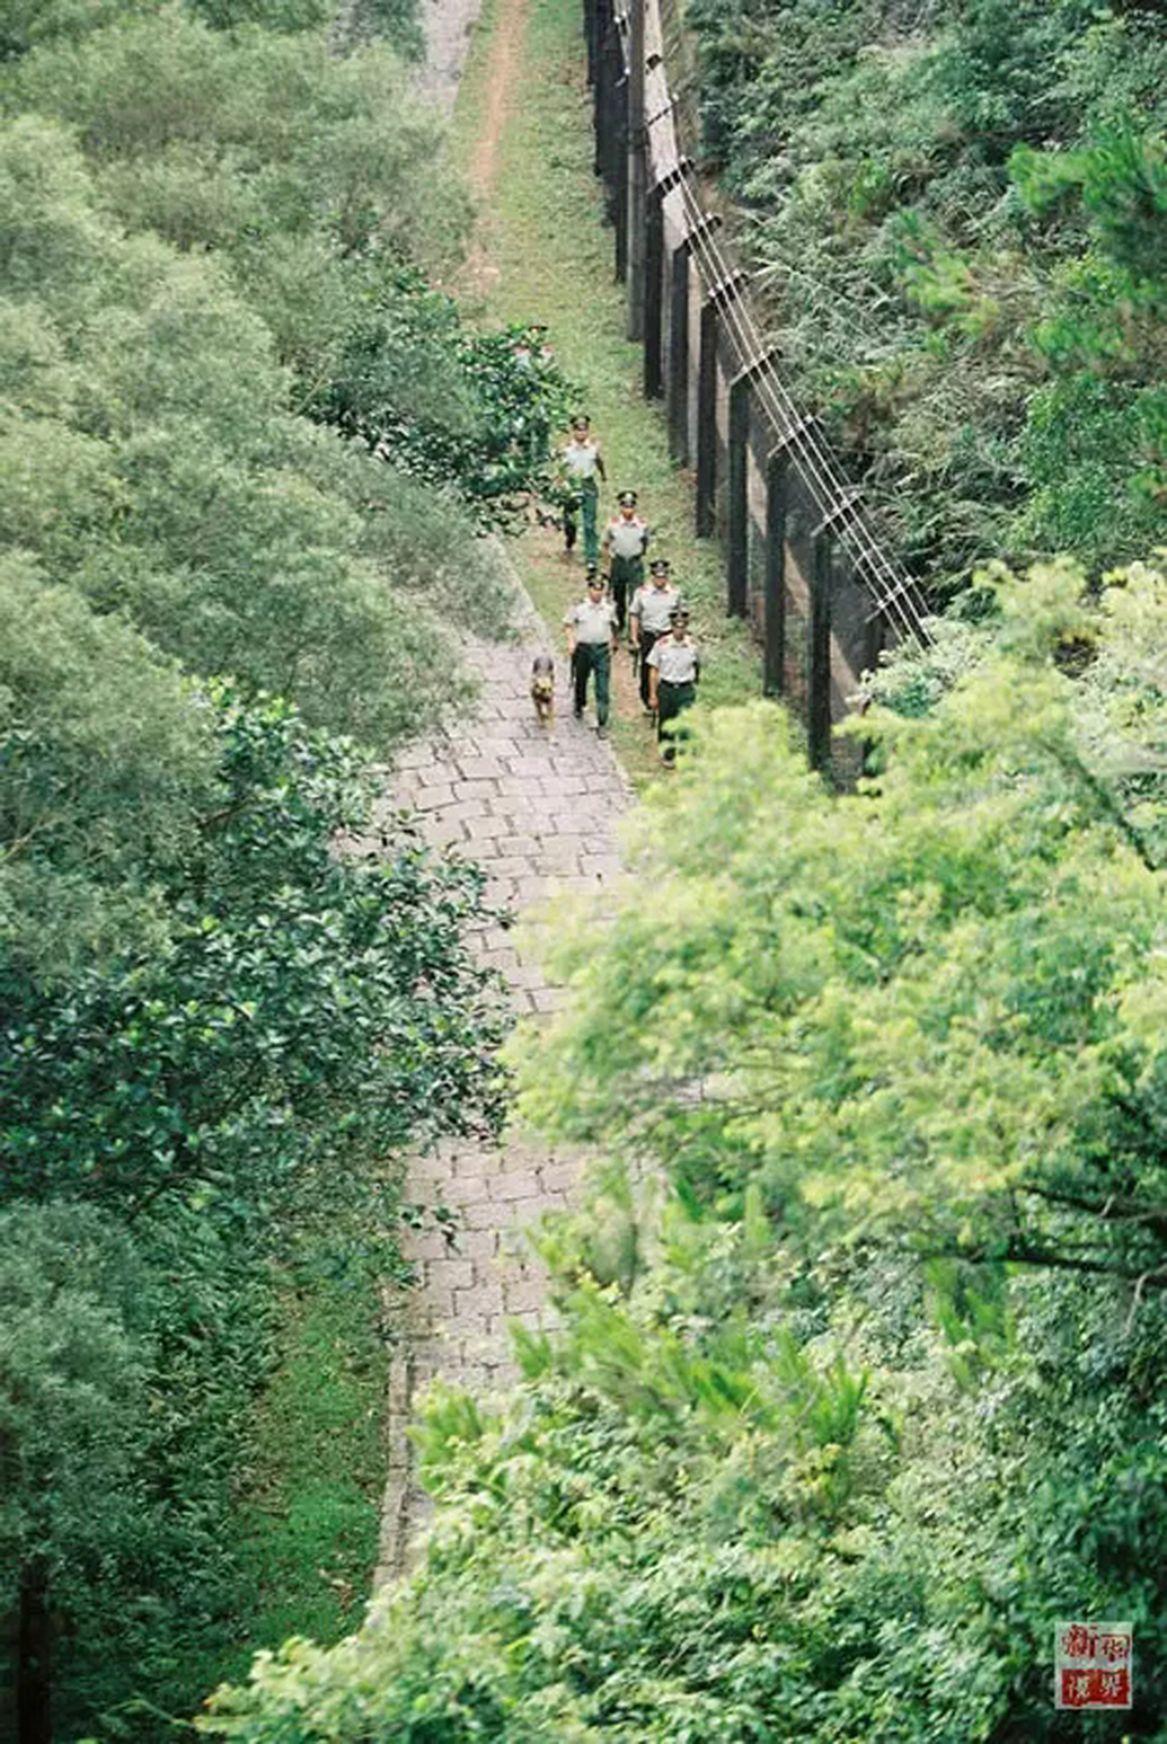 當年在深圳特區「二線」由邊防戍守,哨樓上有邊防官兵站崗,邊防也沿著「二線」固定巡...